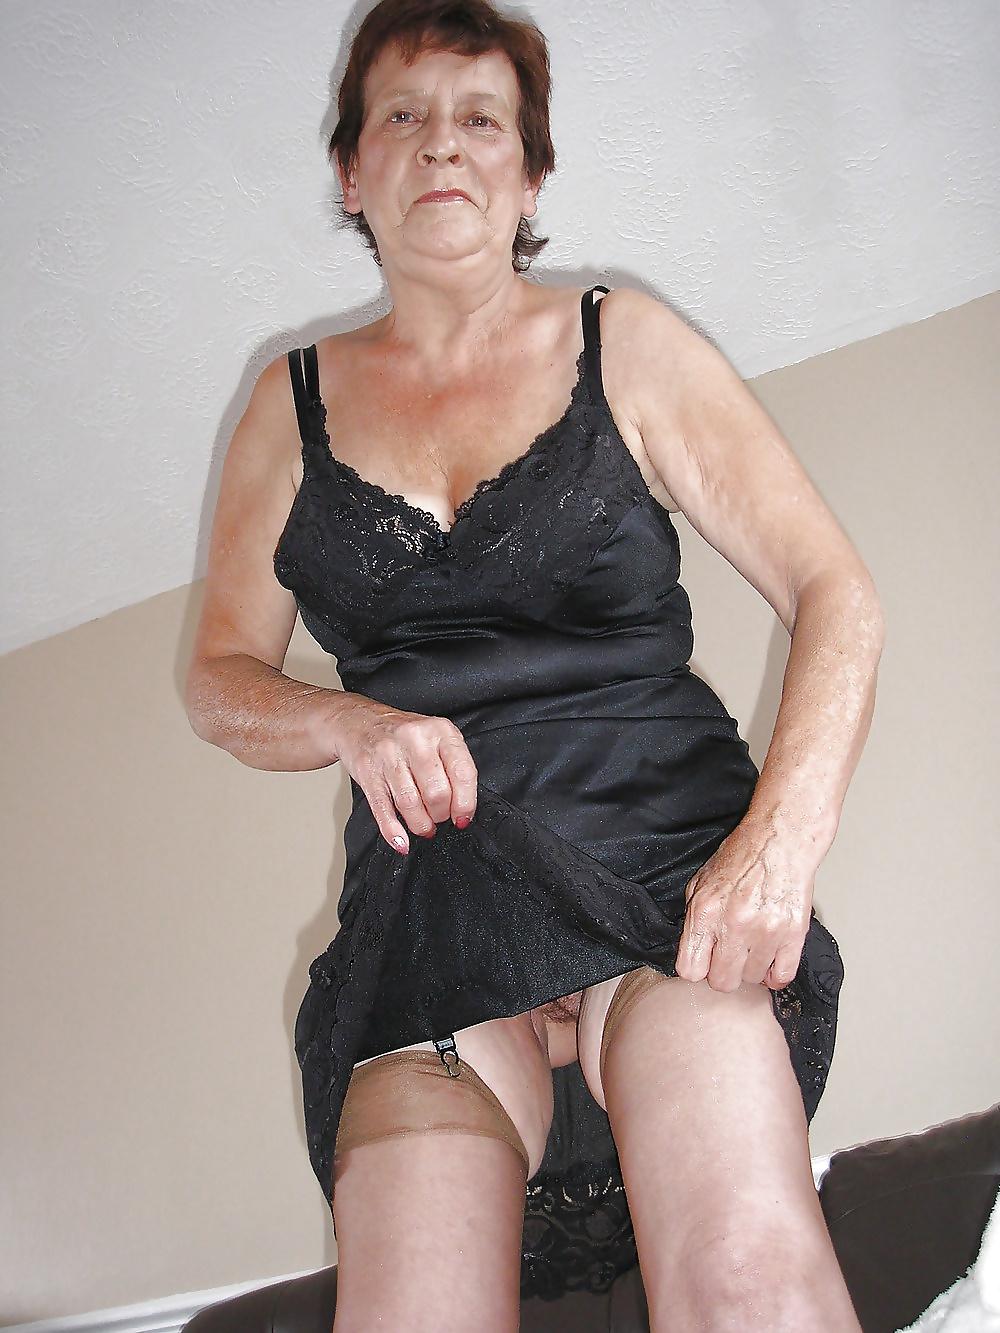 Stunning Mature Women Galleries 83